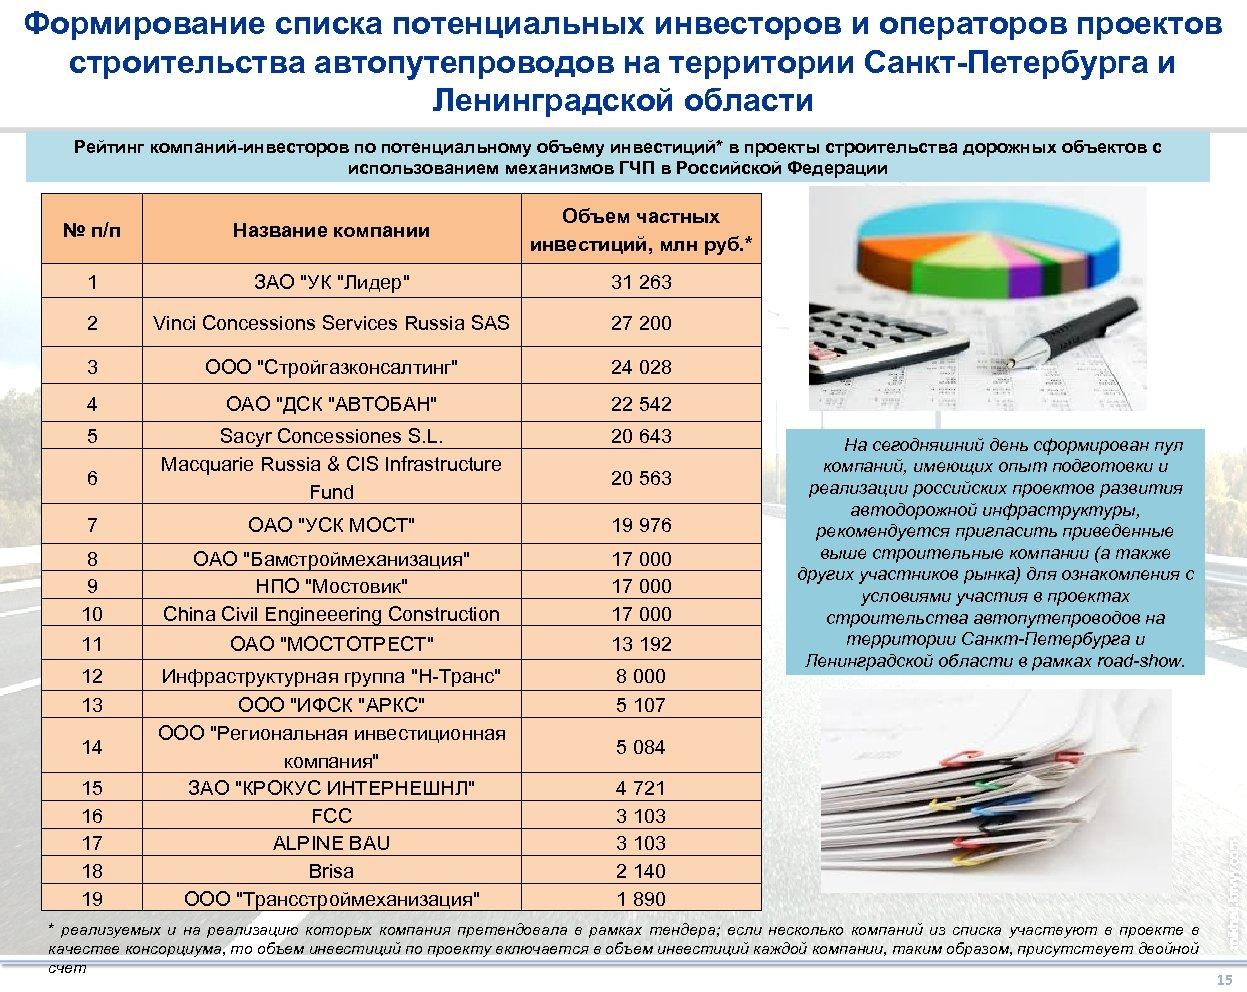 Формирование списка потенциальных инвесторов и операторов проектов строительства автопутепроводов на территории Санкт-Петербурга и Ленинградской